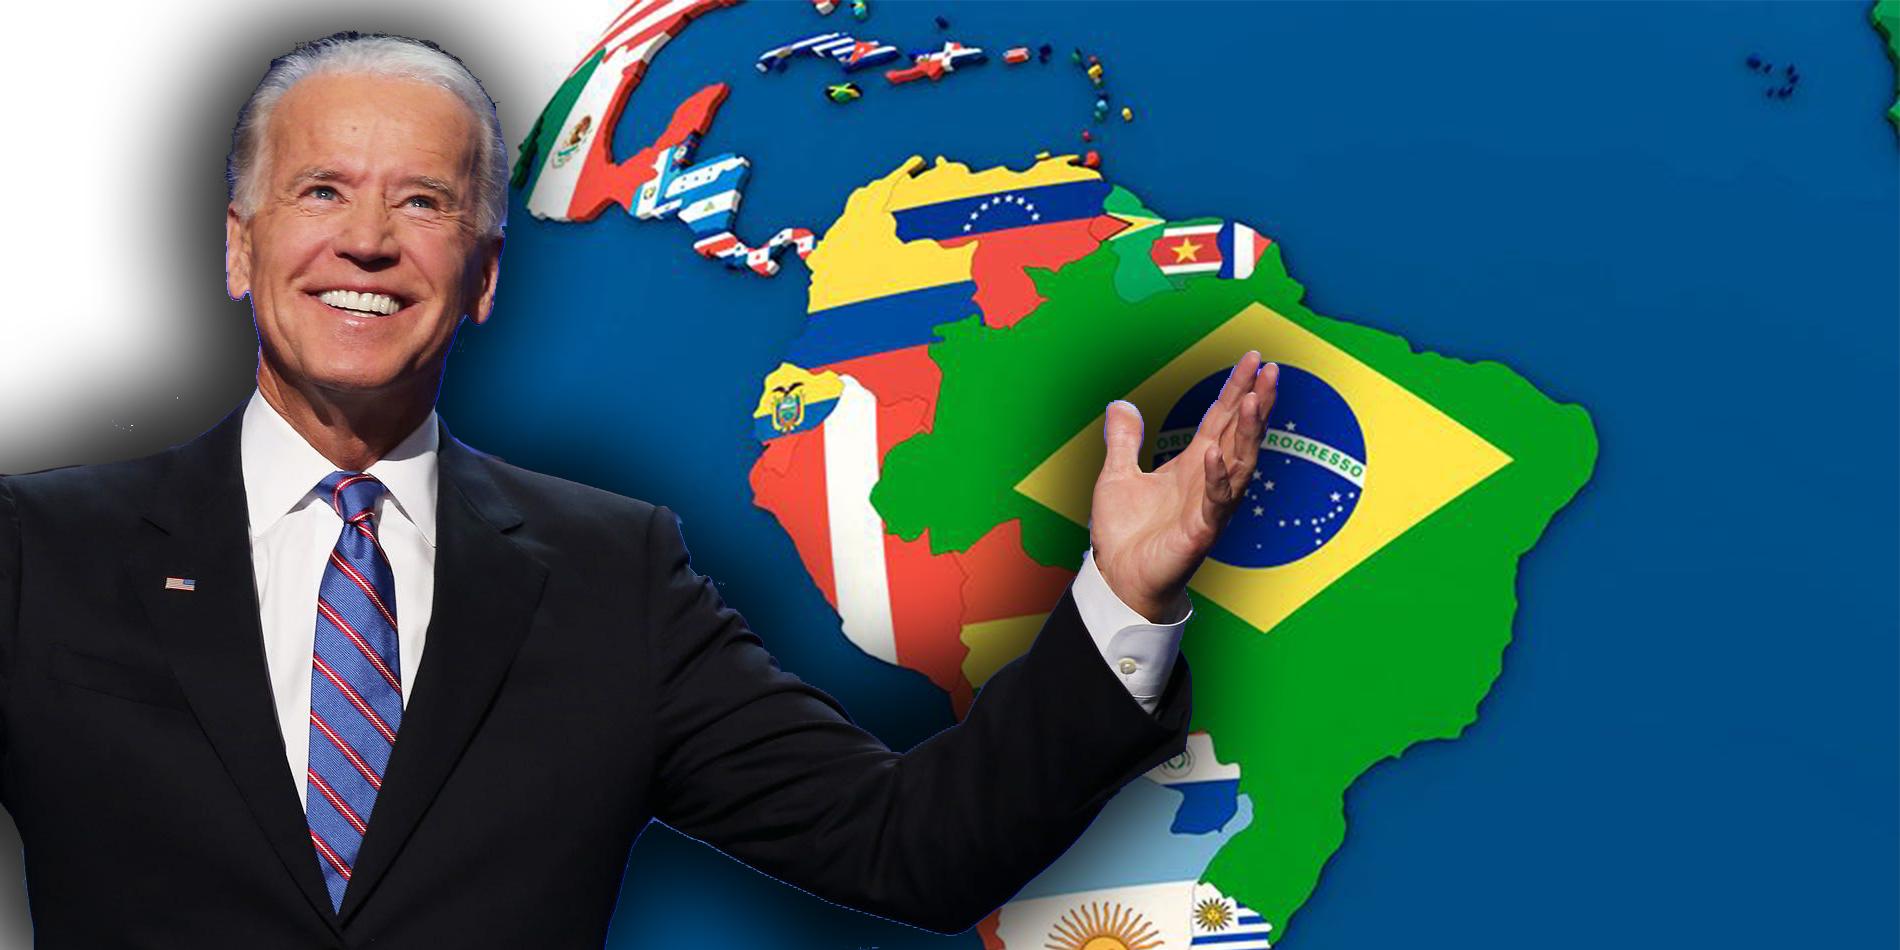 La relación entre Estados Unidos y Latinoamérica: qué esperar de la administración Biden